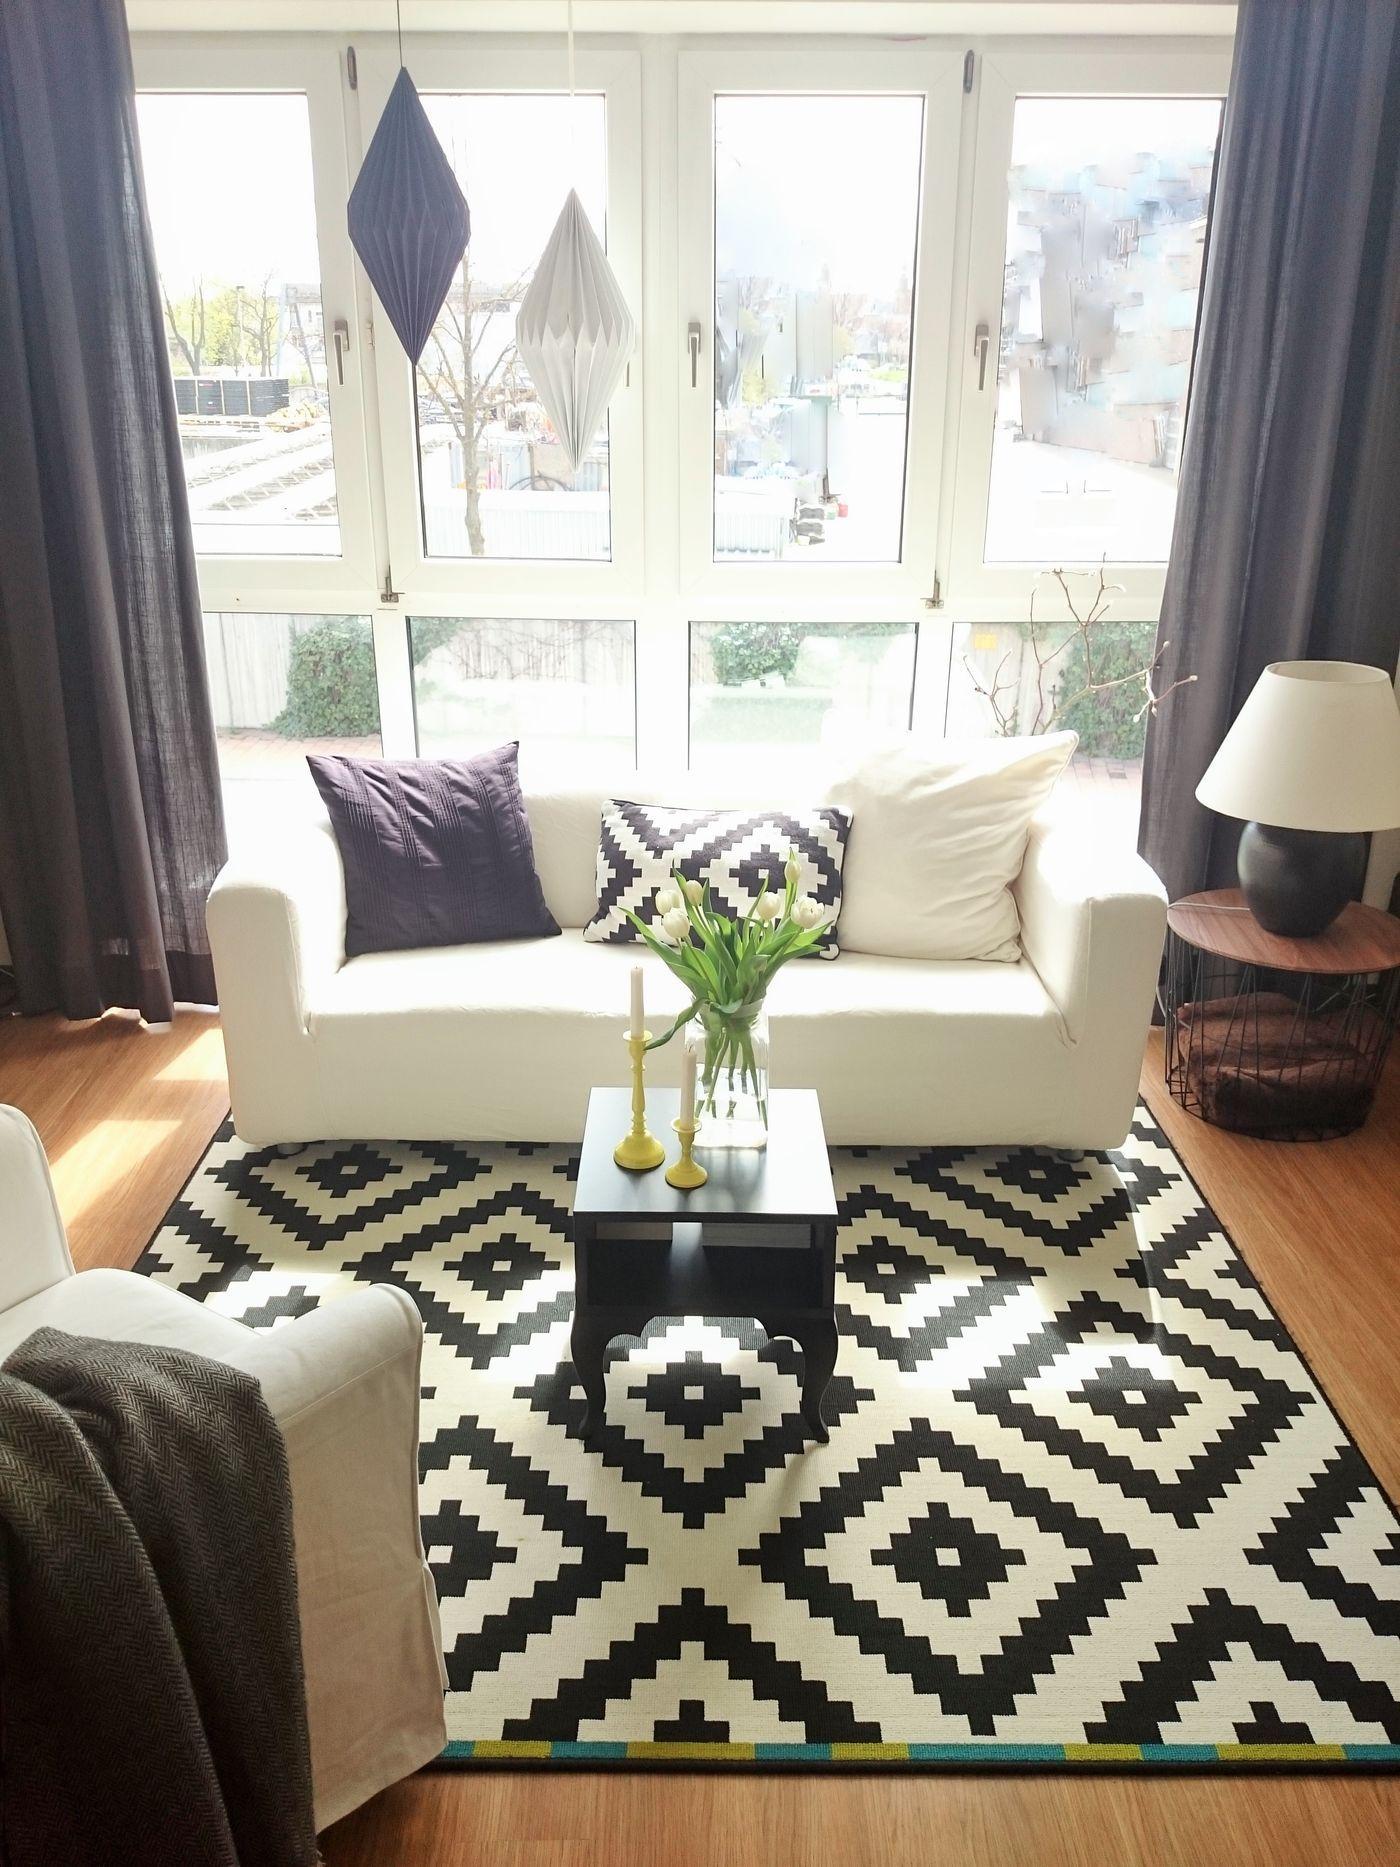 wg zimmer und studentenzimmer einrichten seite 2. Black Bedroom Furniture Sets. Home Design Ideas